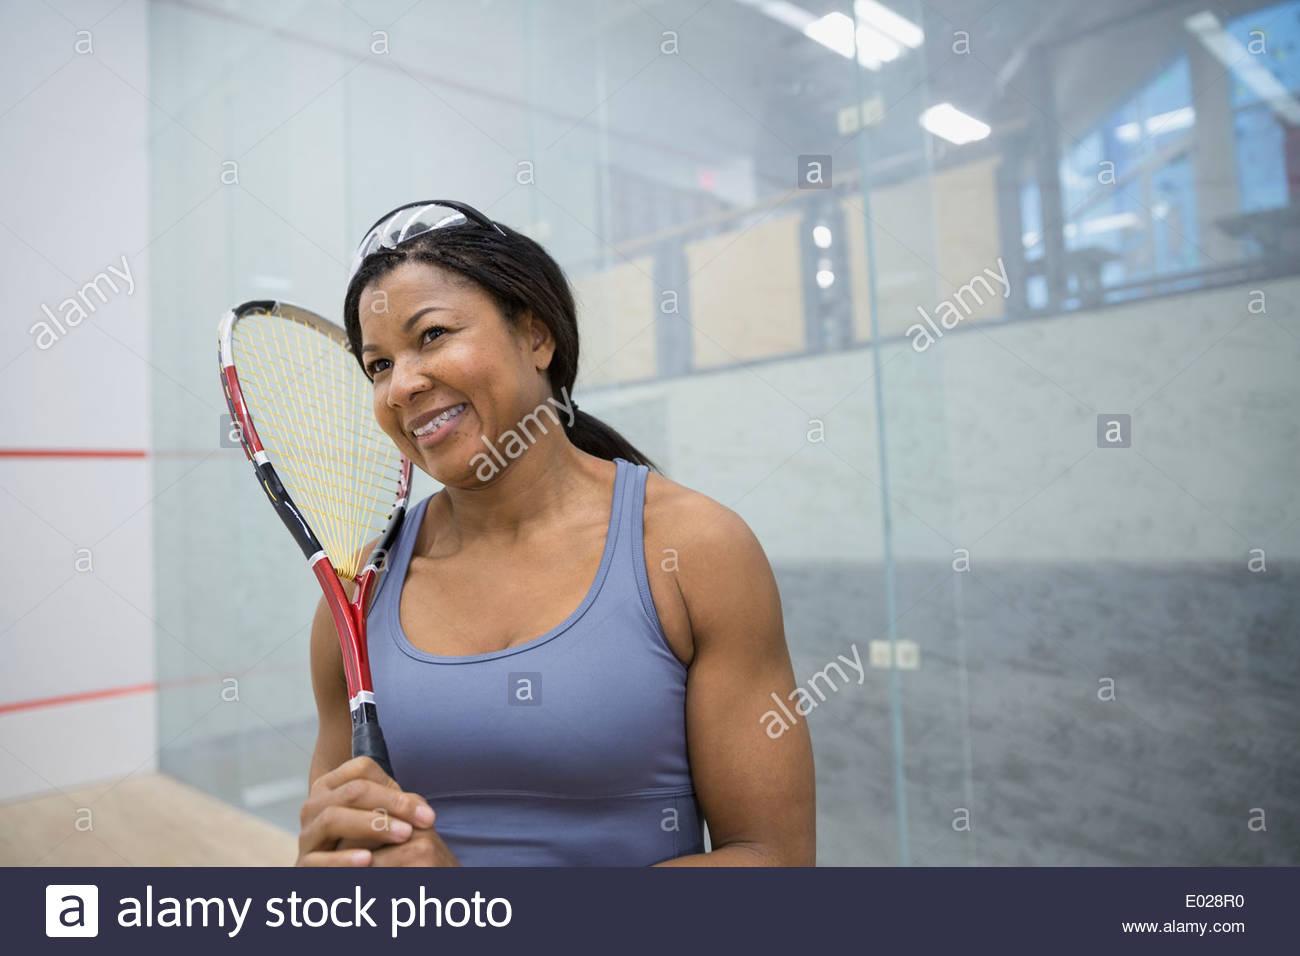 Mujer sonriente Celebración raquetas de squash Imagen De Stock